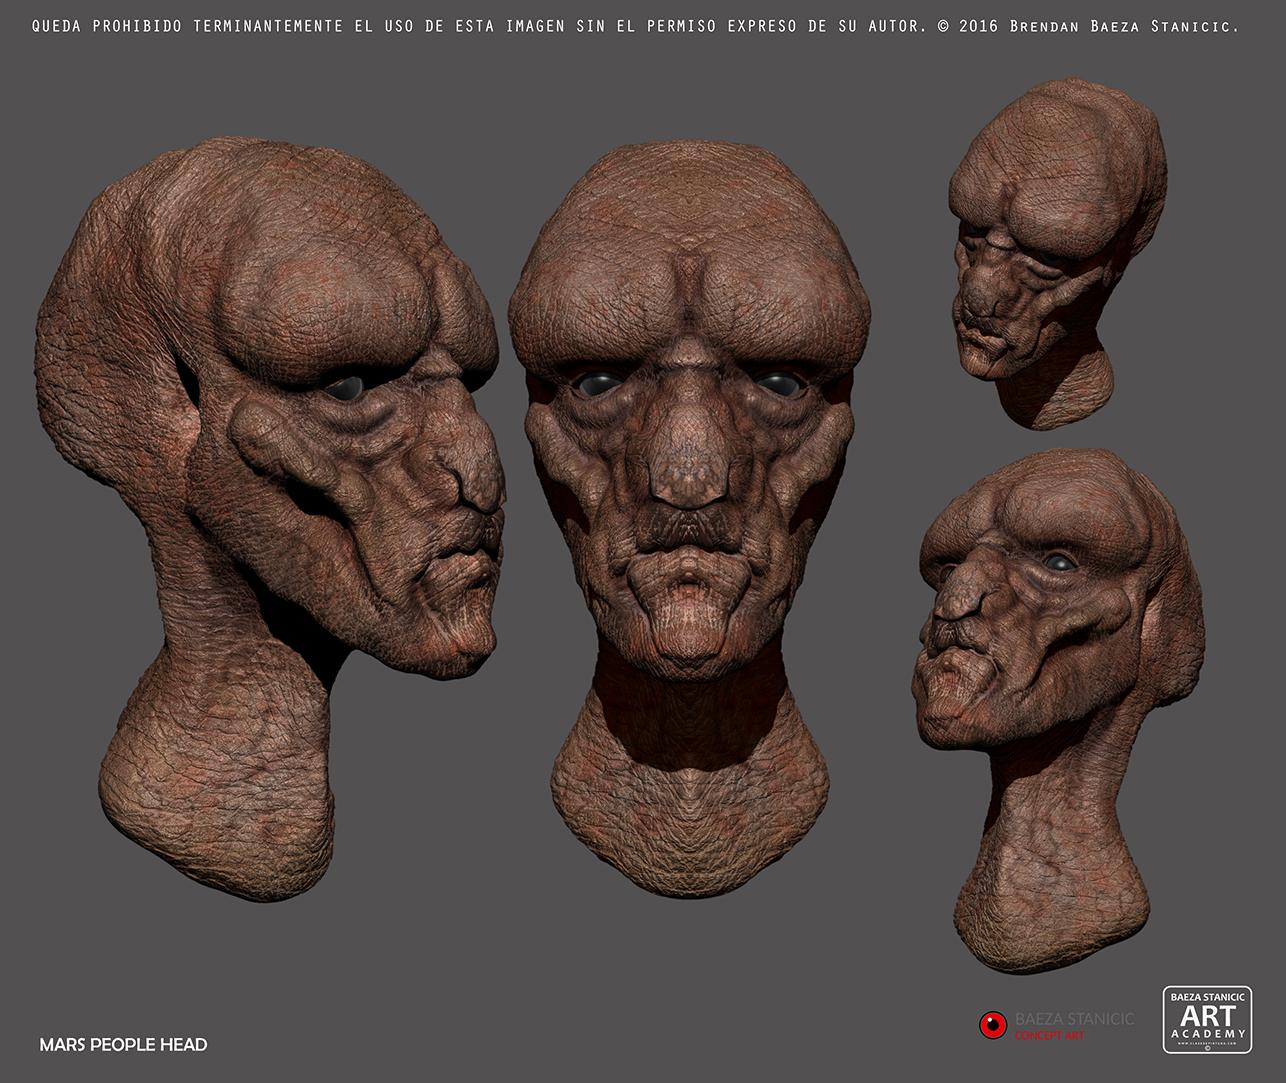 siguiendo con nuestro proyecto marciano hemos la cabeza de uno de los habitantes de nuestro planeta preferido